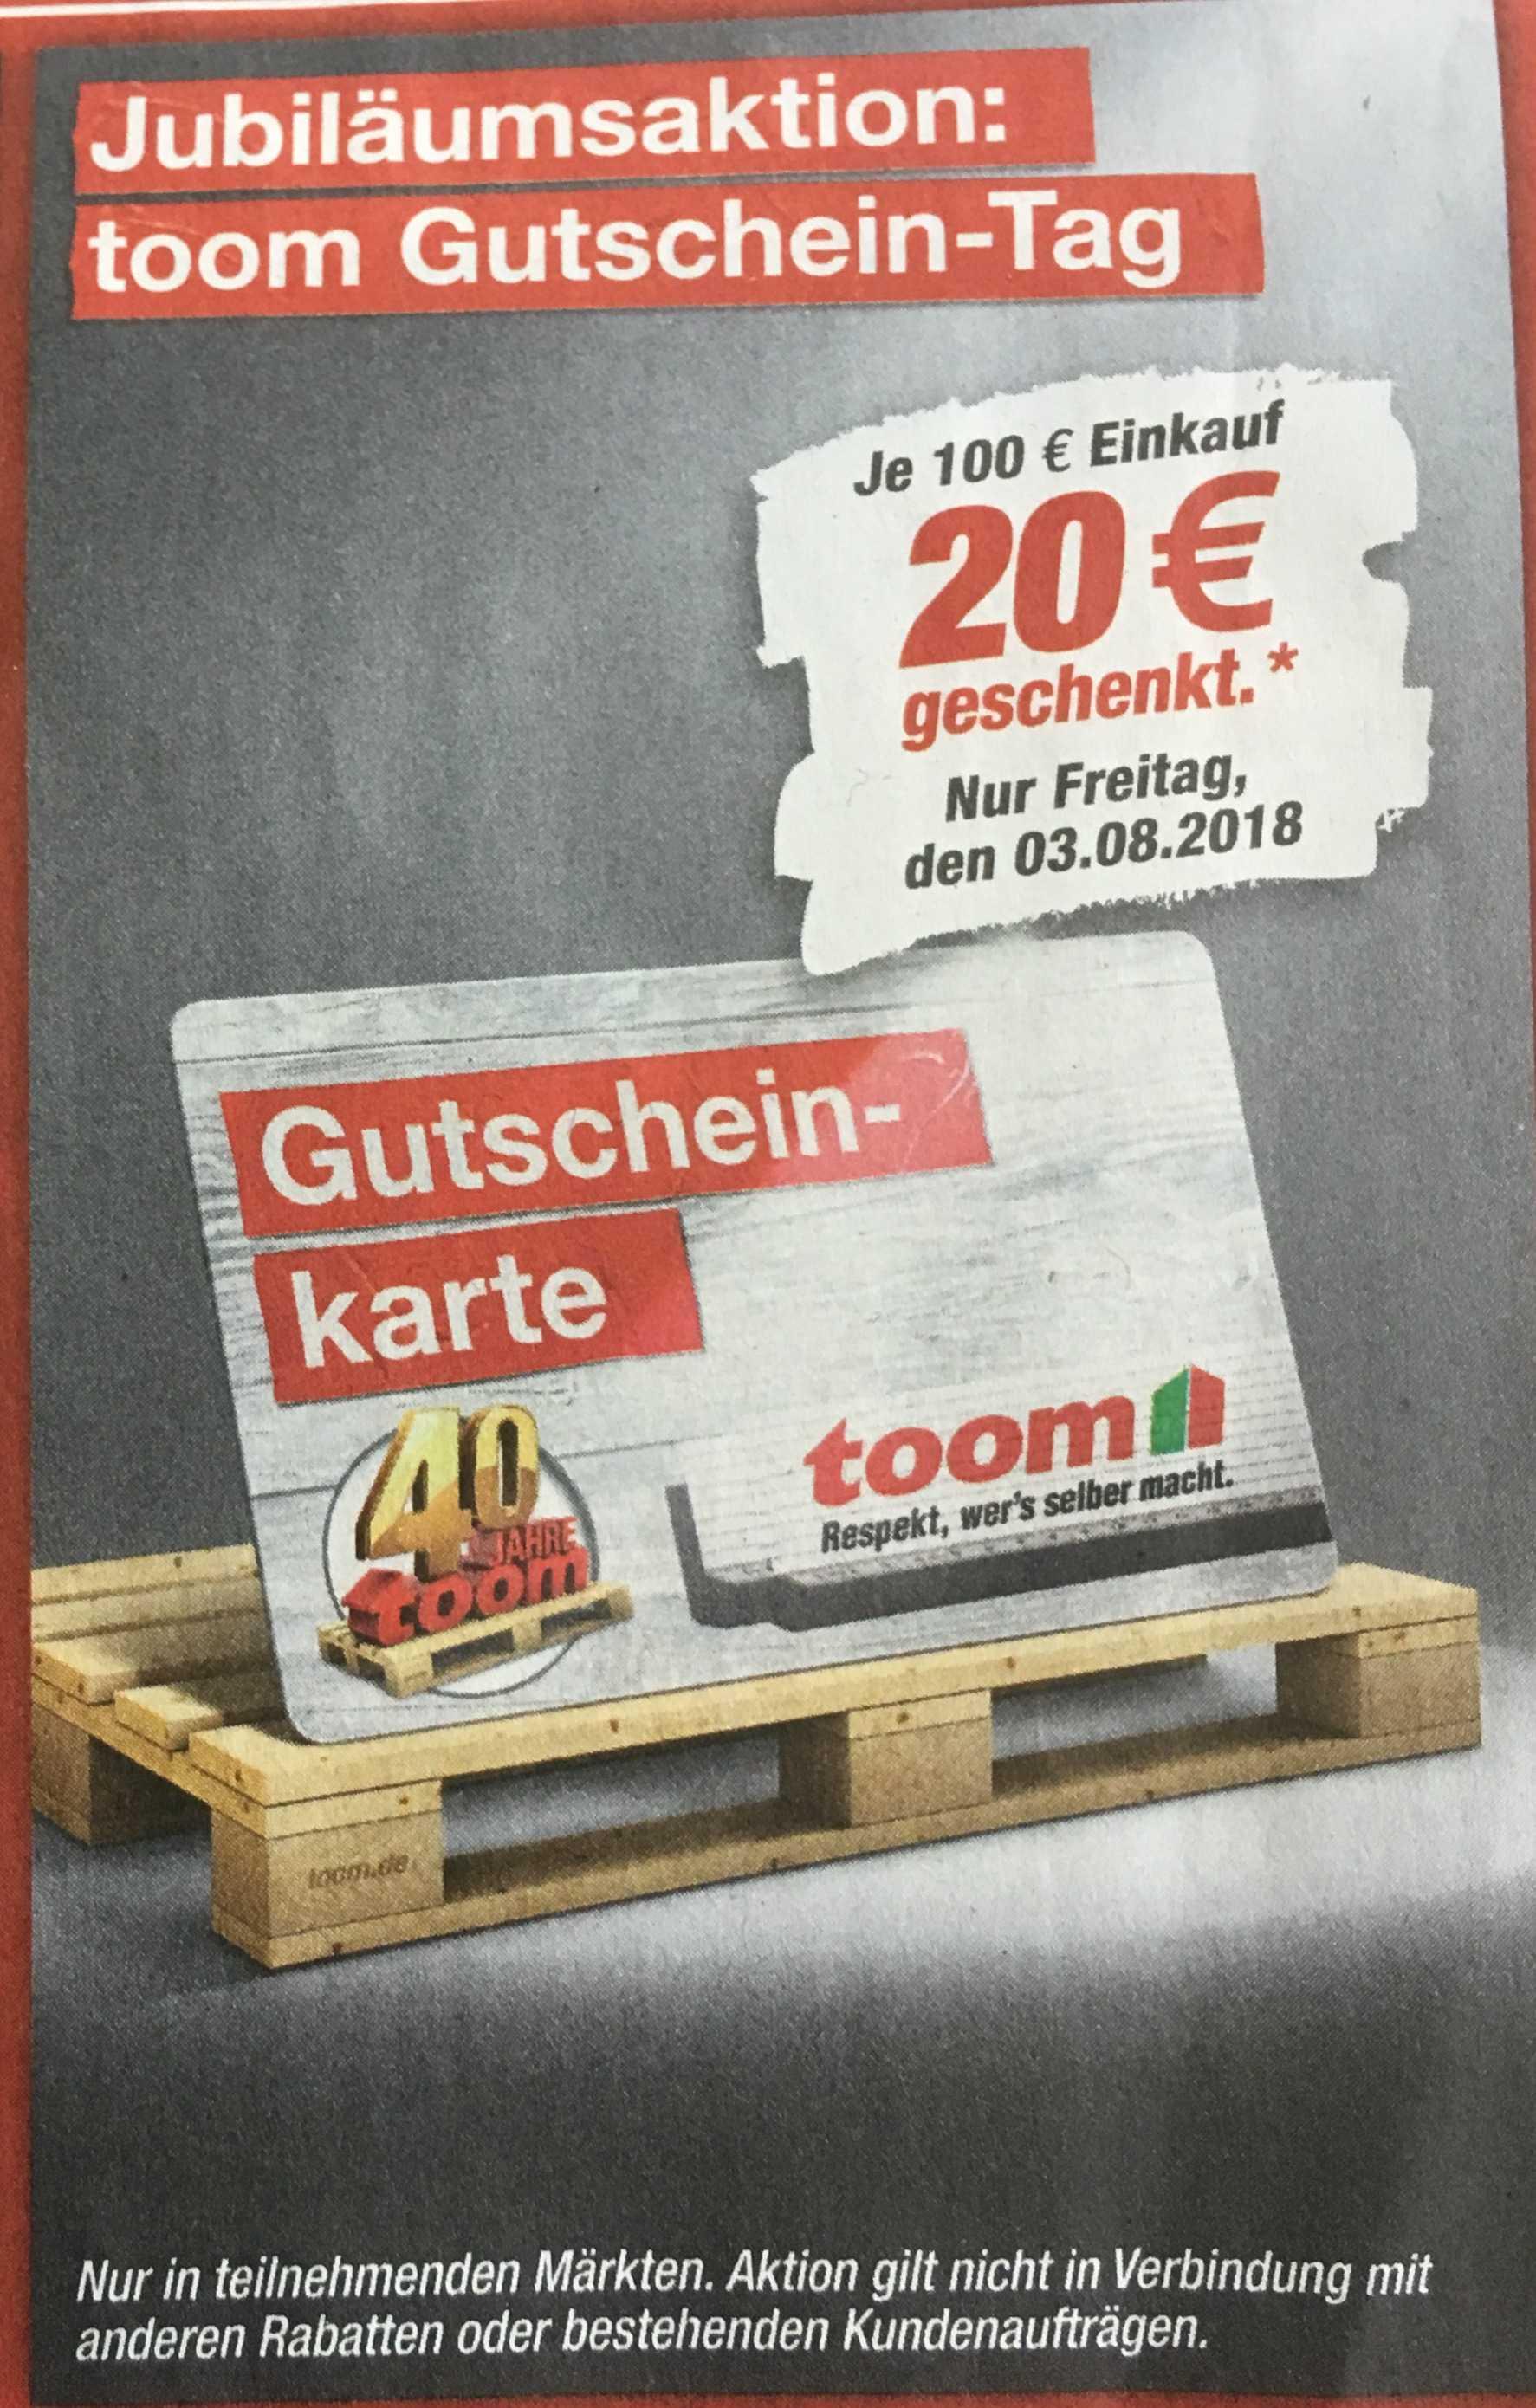 toom baumarkt (teilnehmende filialen):am freitag, 03.08., je 100